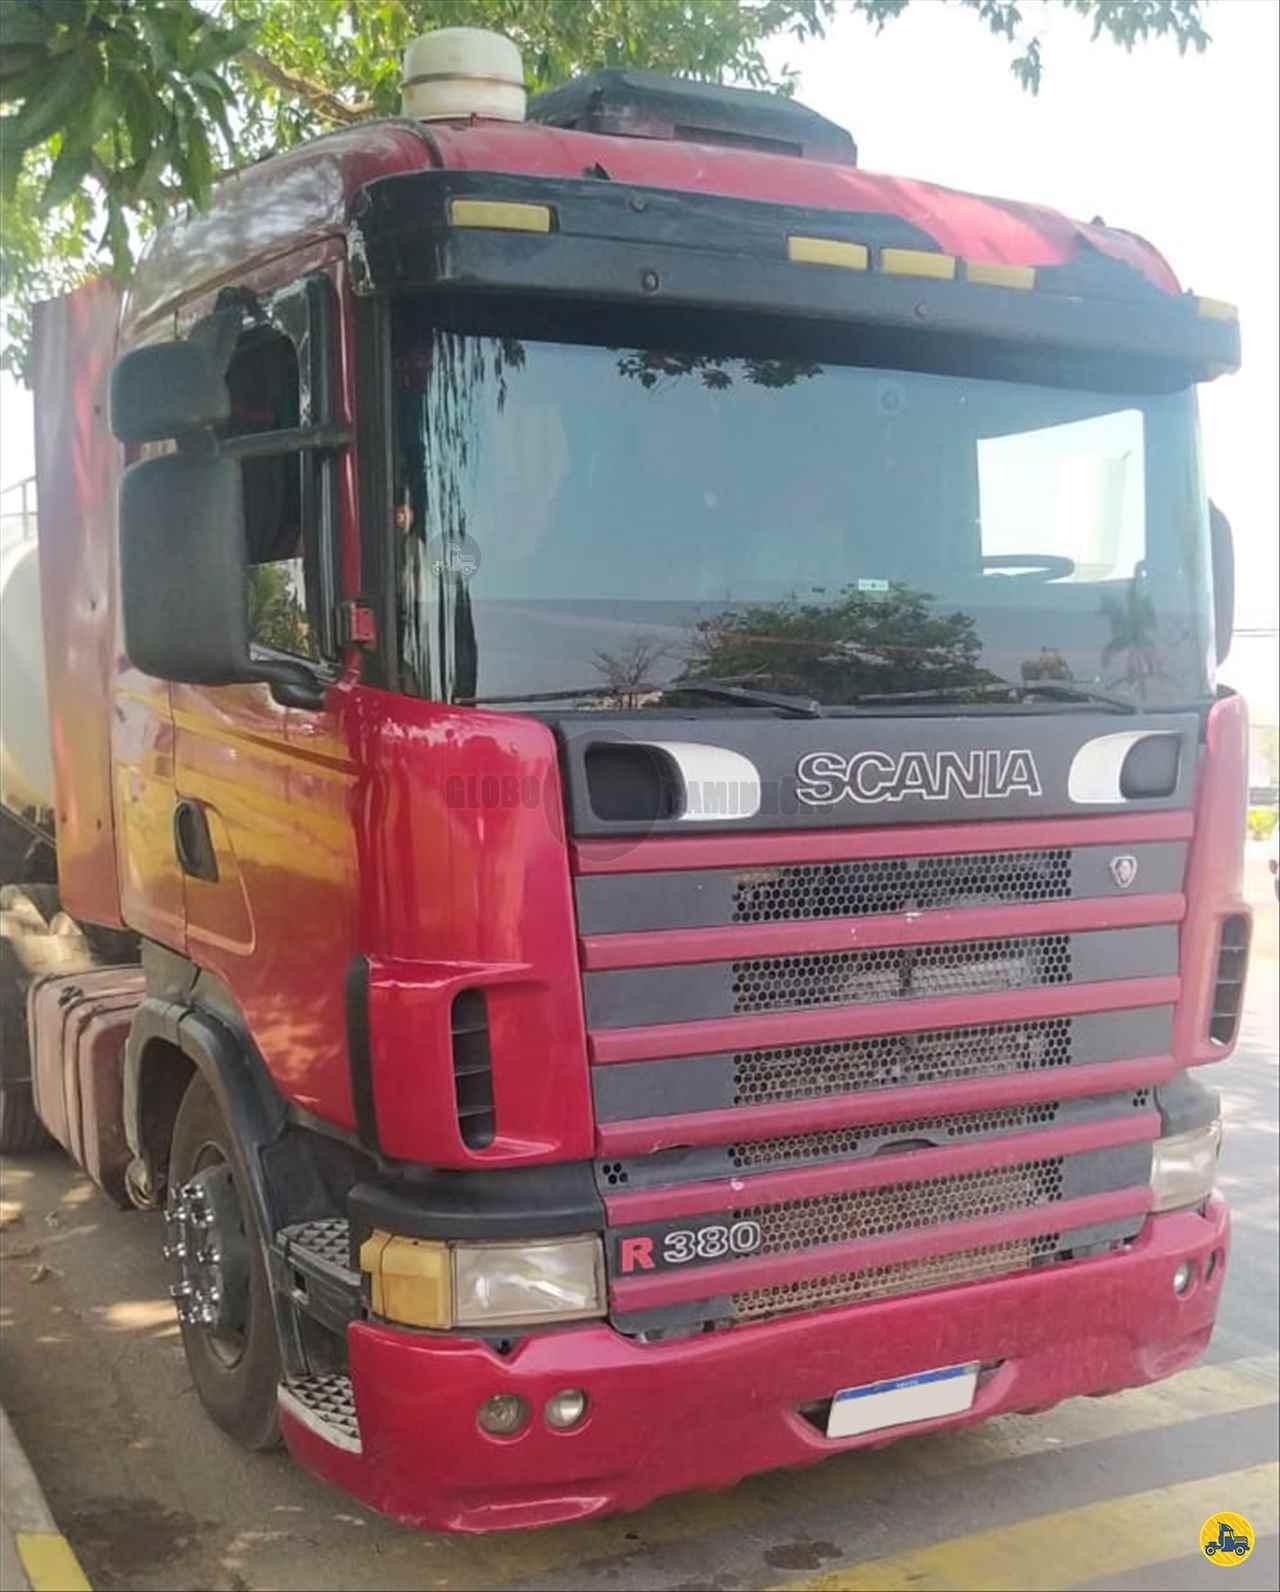 SCANIA 380 de Globo Caminhões Helio Maringá - MARINGA/PR